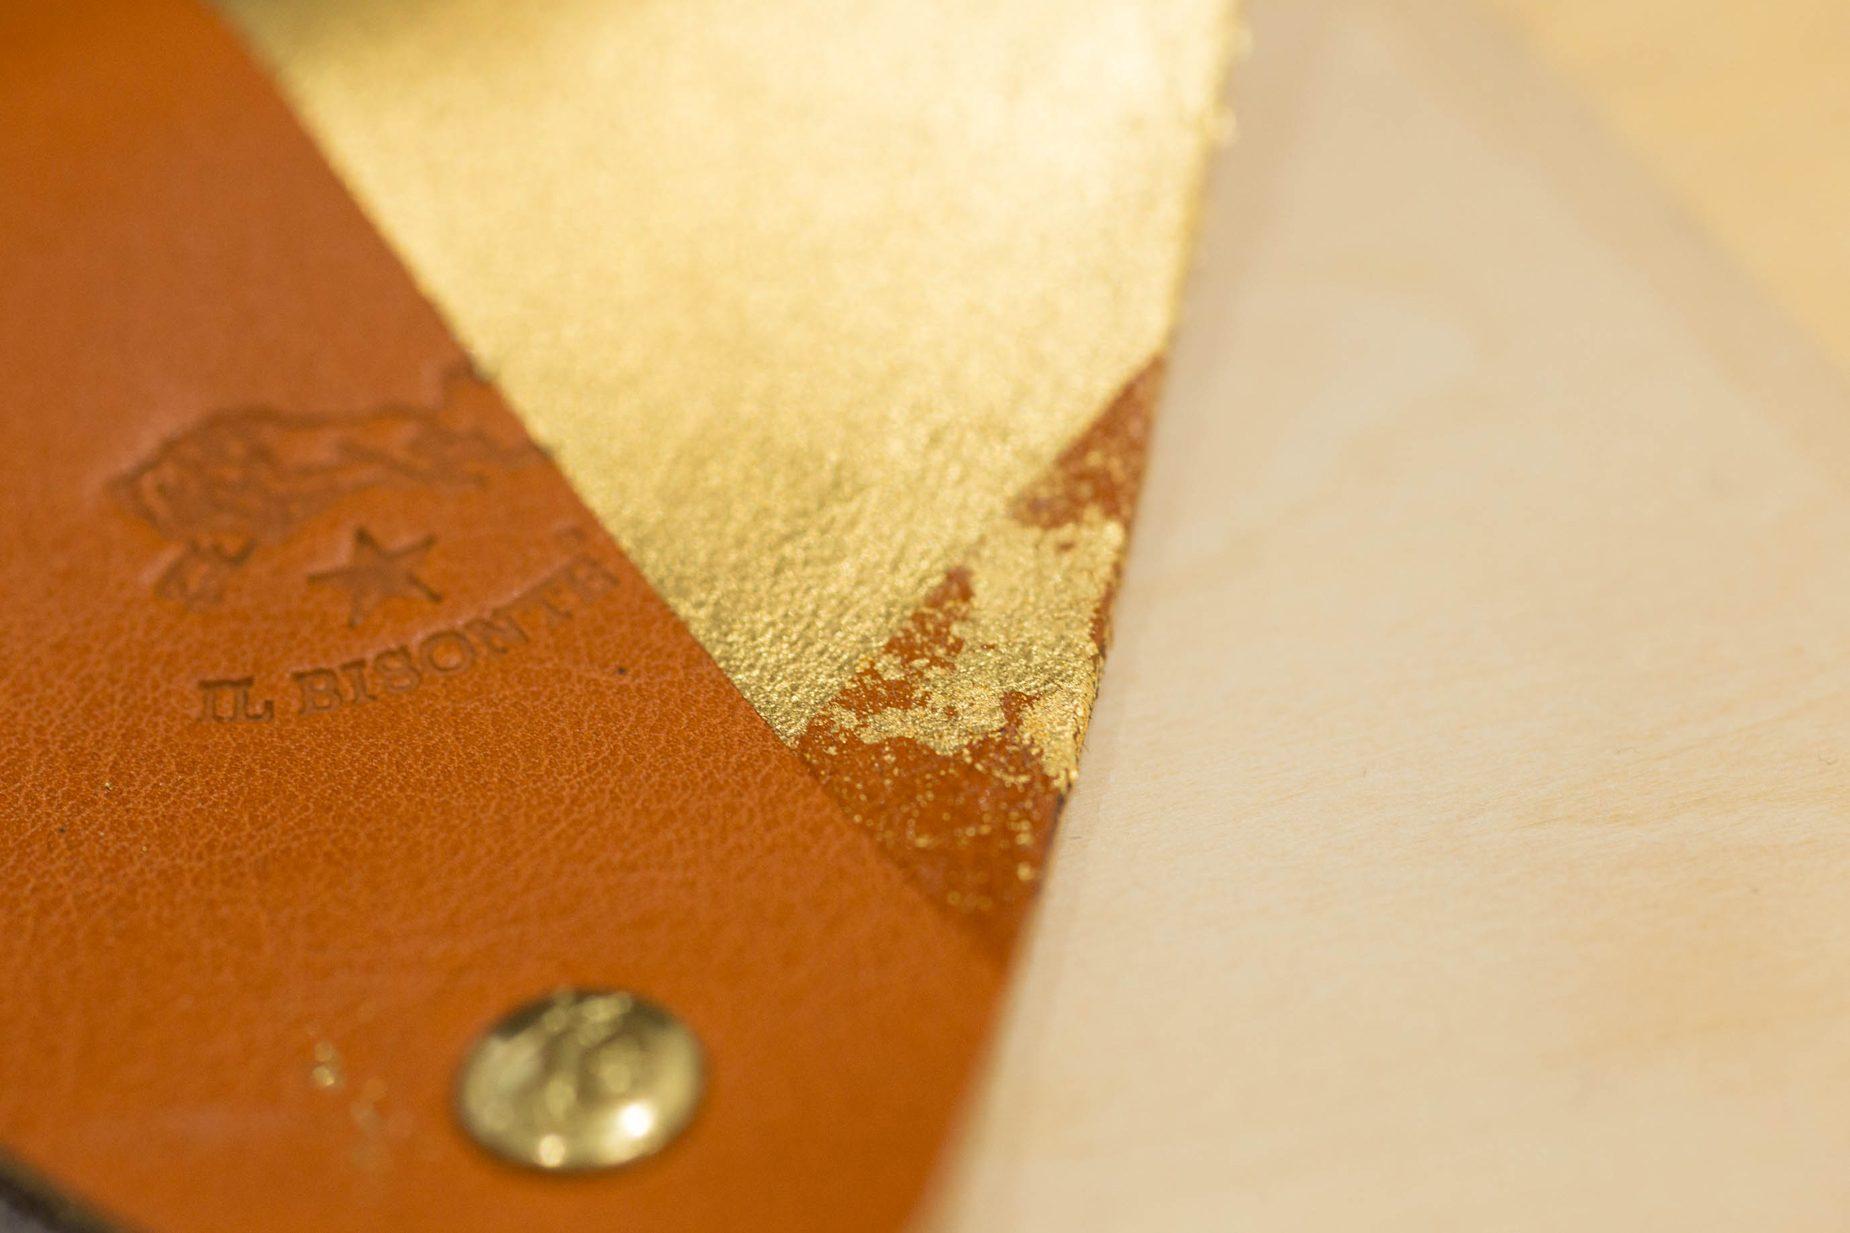 完成した革のコインケース。刷毛で余計な金箔を払った時、失敗して押せなかった部分に細かい金箔が付着し、模様のようになりました。